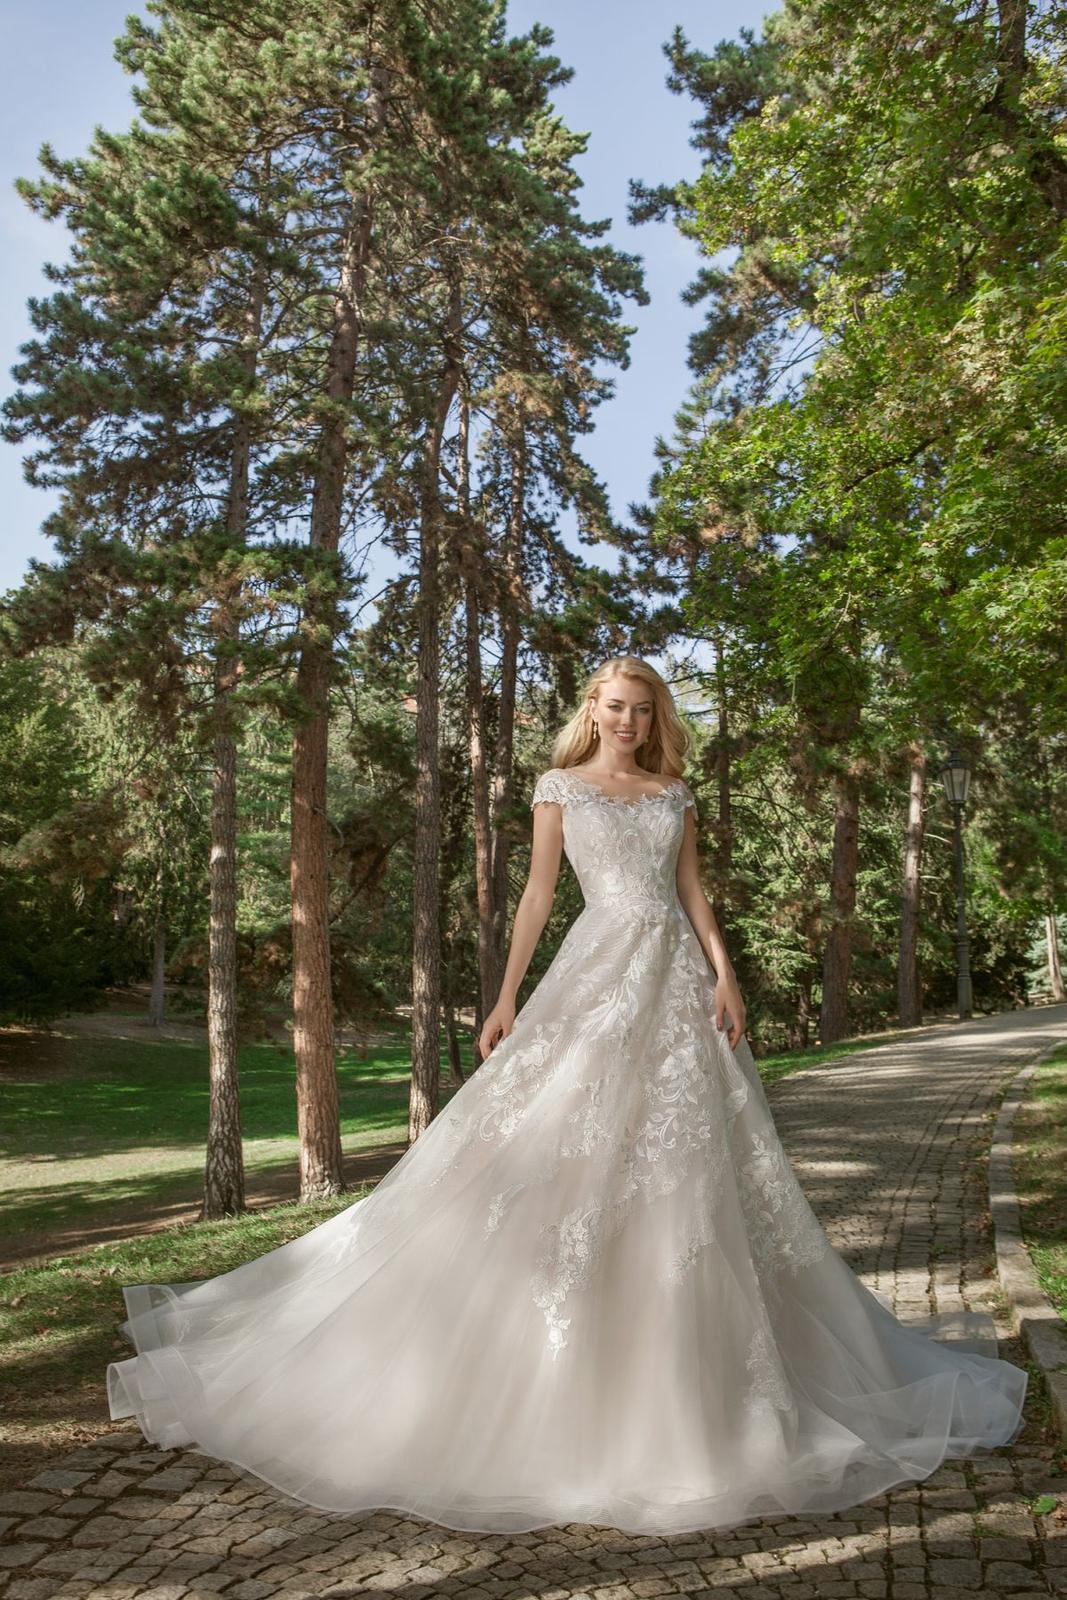 Eva Grandes princeznovské svatební šaty - Samanta svatebni šaty